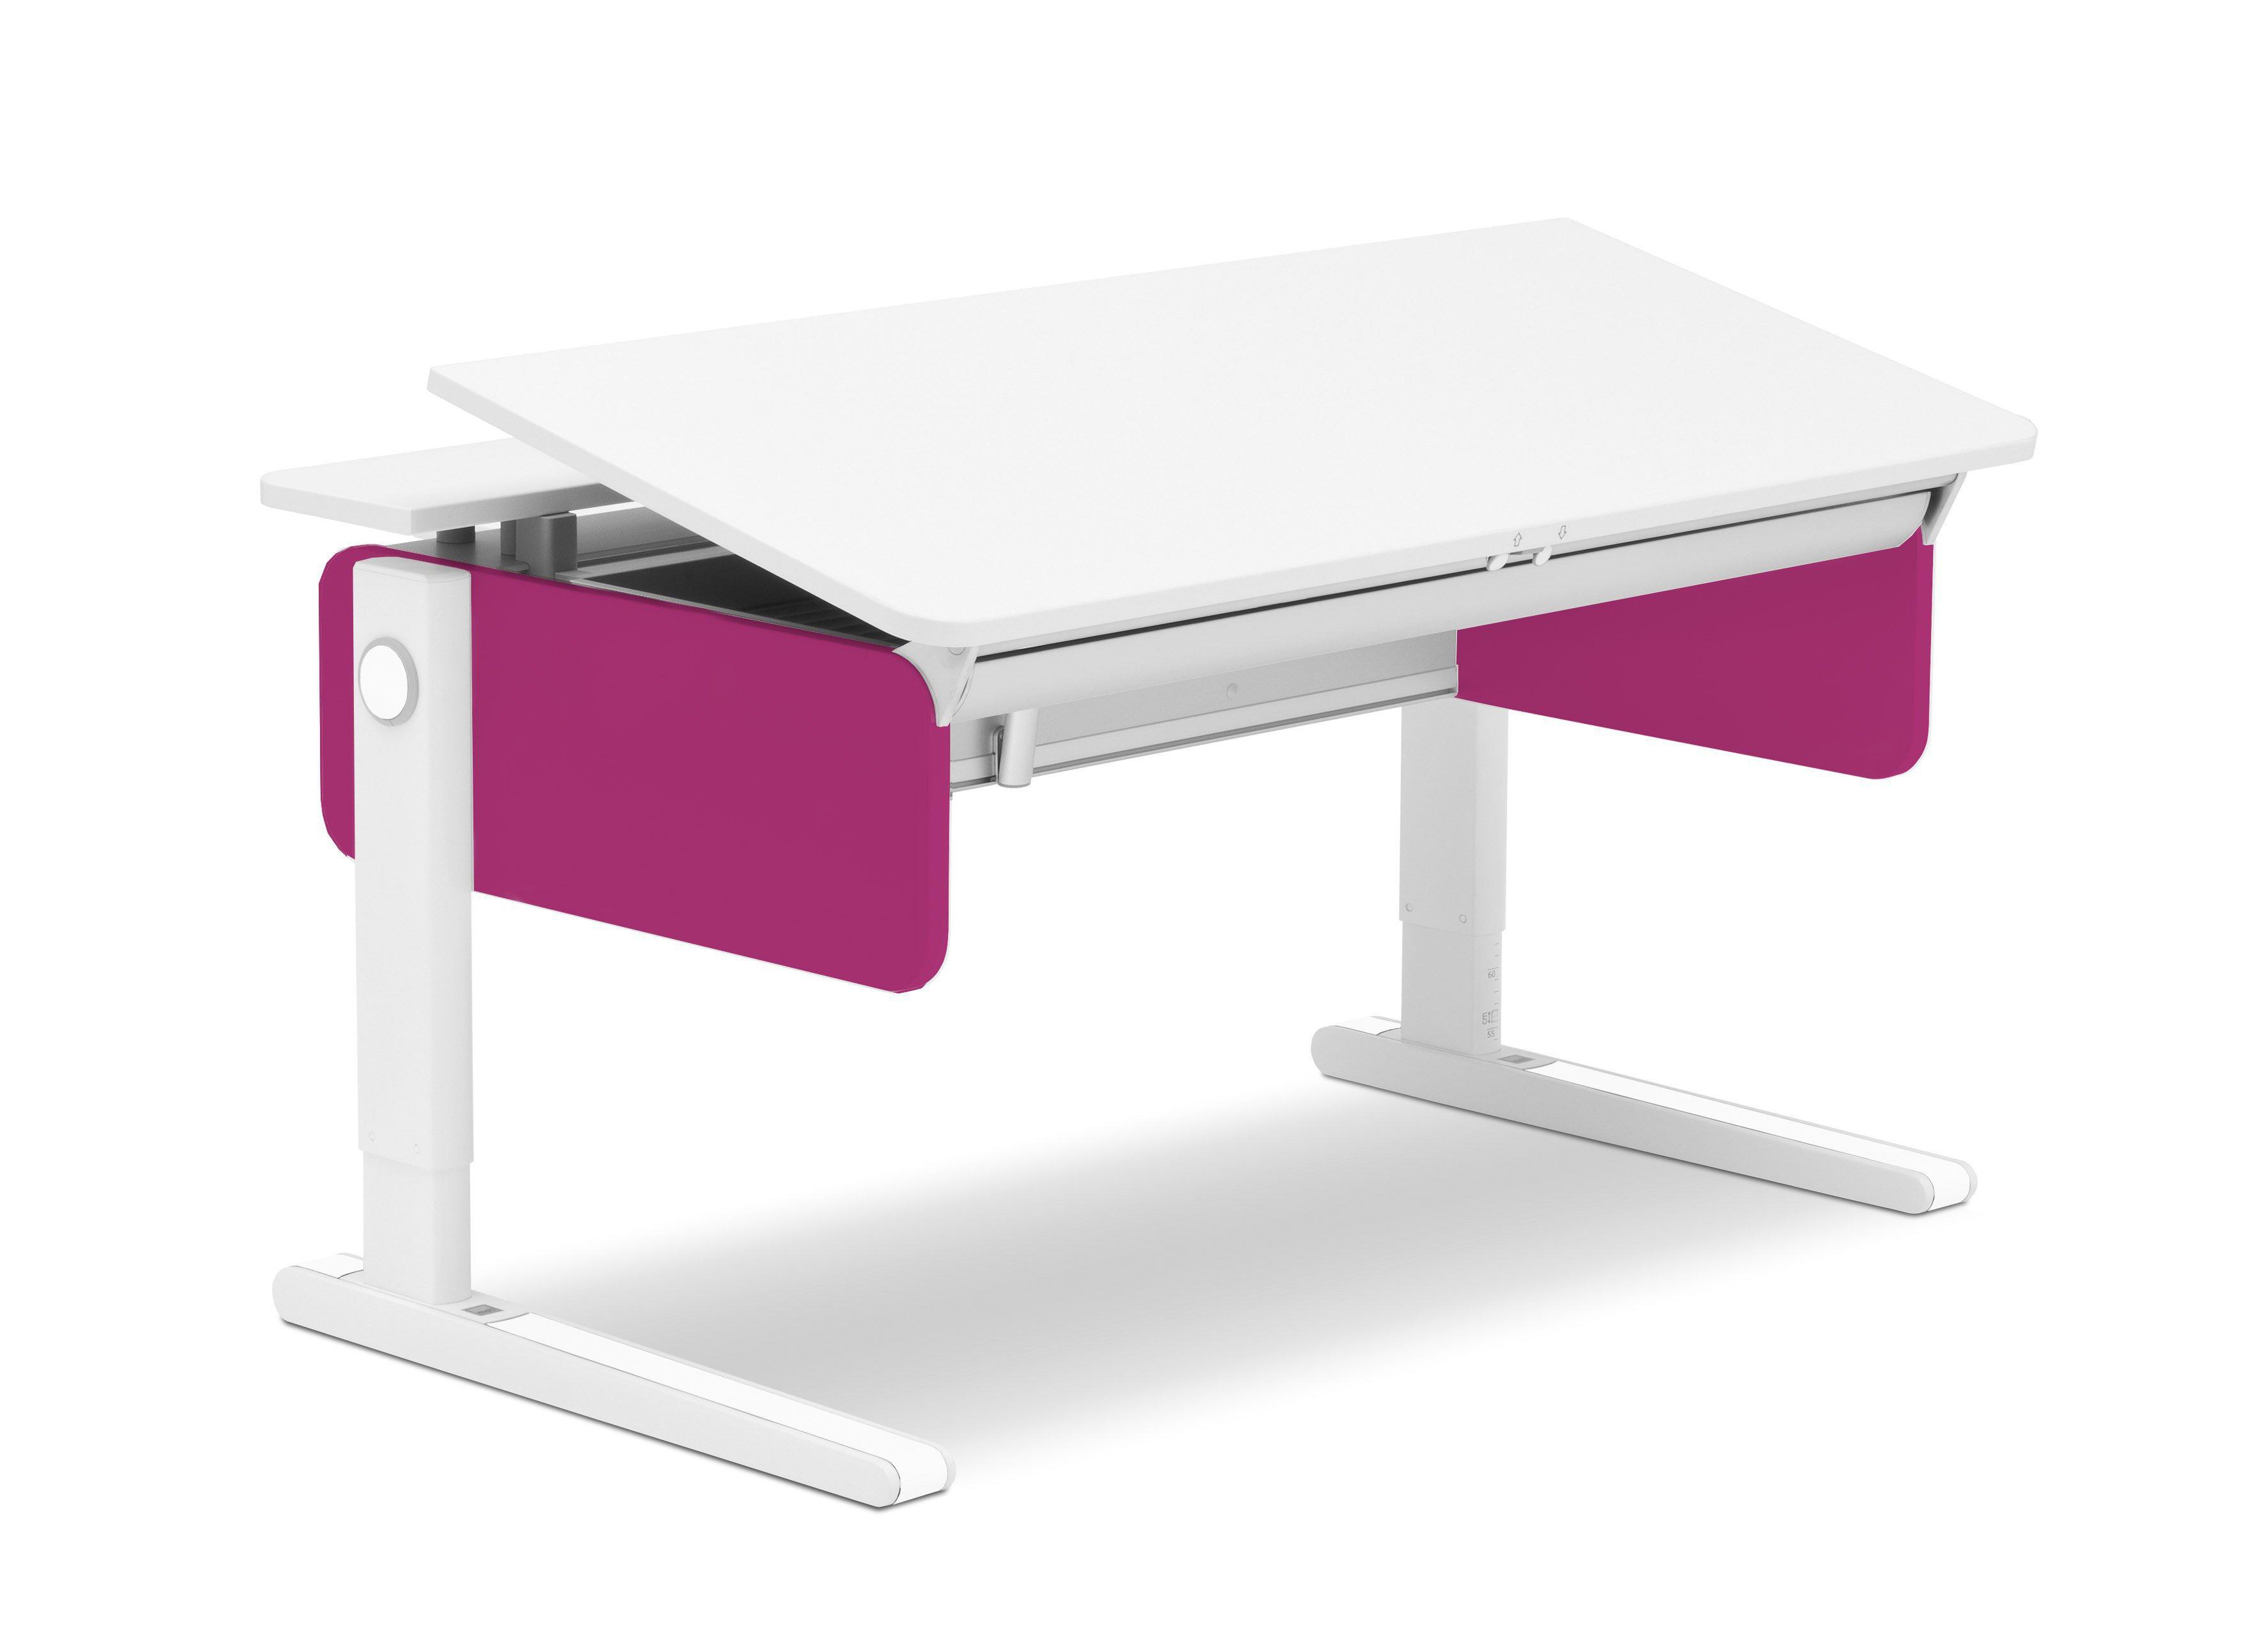 moll champion schreibtisch pink wei m bel letz ihr. Black Bedroom Furniture Sets. Home Design Ideas